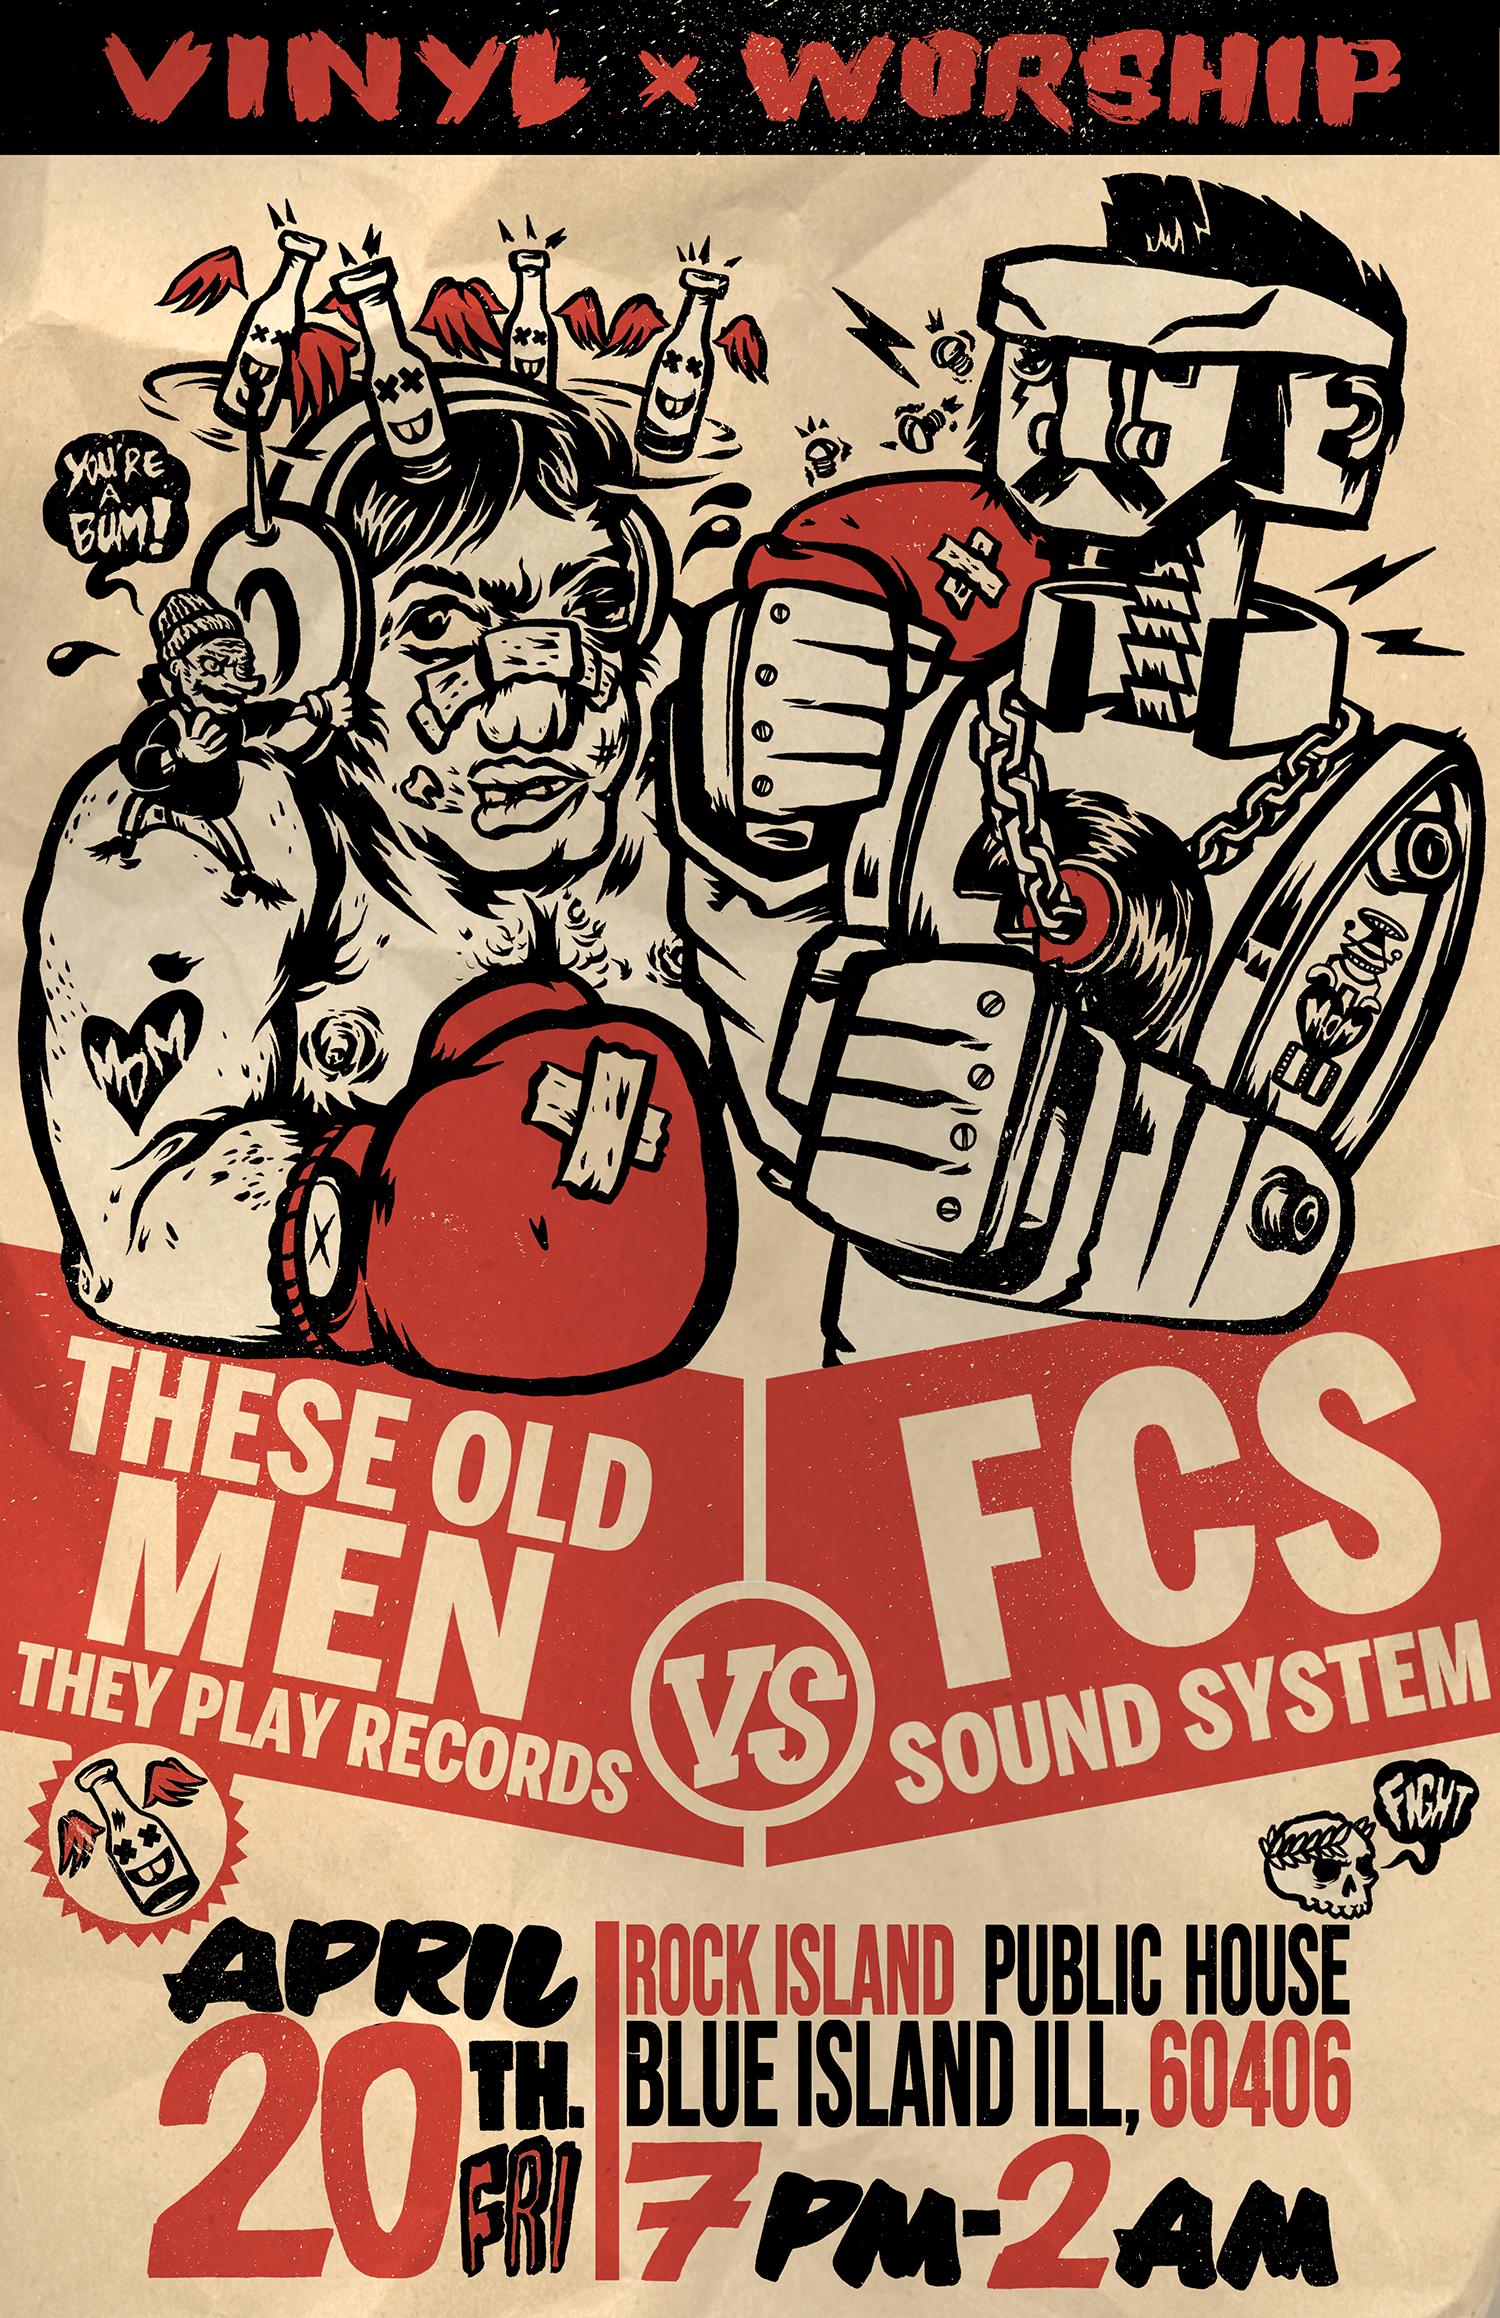 TOMTPR VS FCS SoundSystem